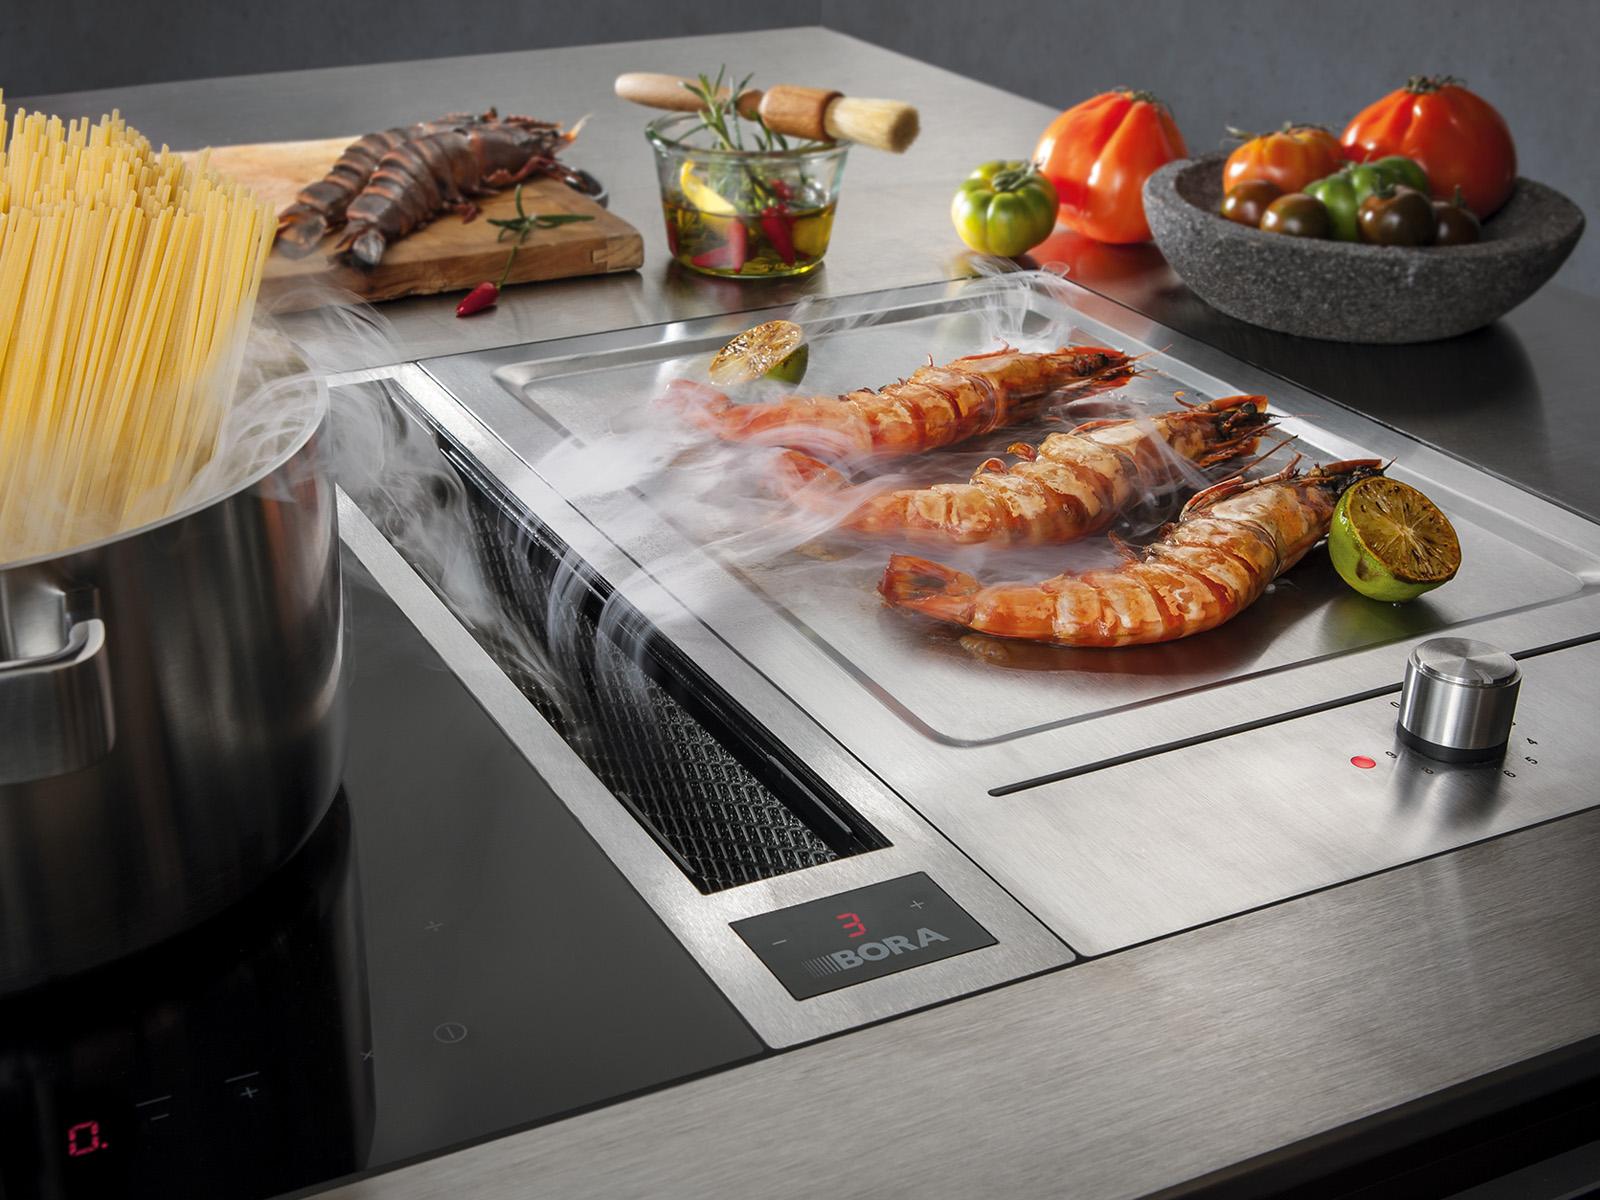 Bora spécialiste des hottes aspirantes pour cuisines modernes haut de gamme design contemporain épuré unique